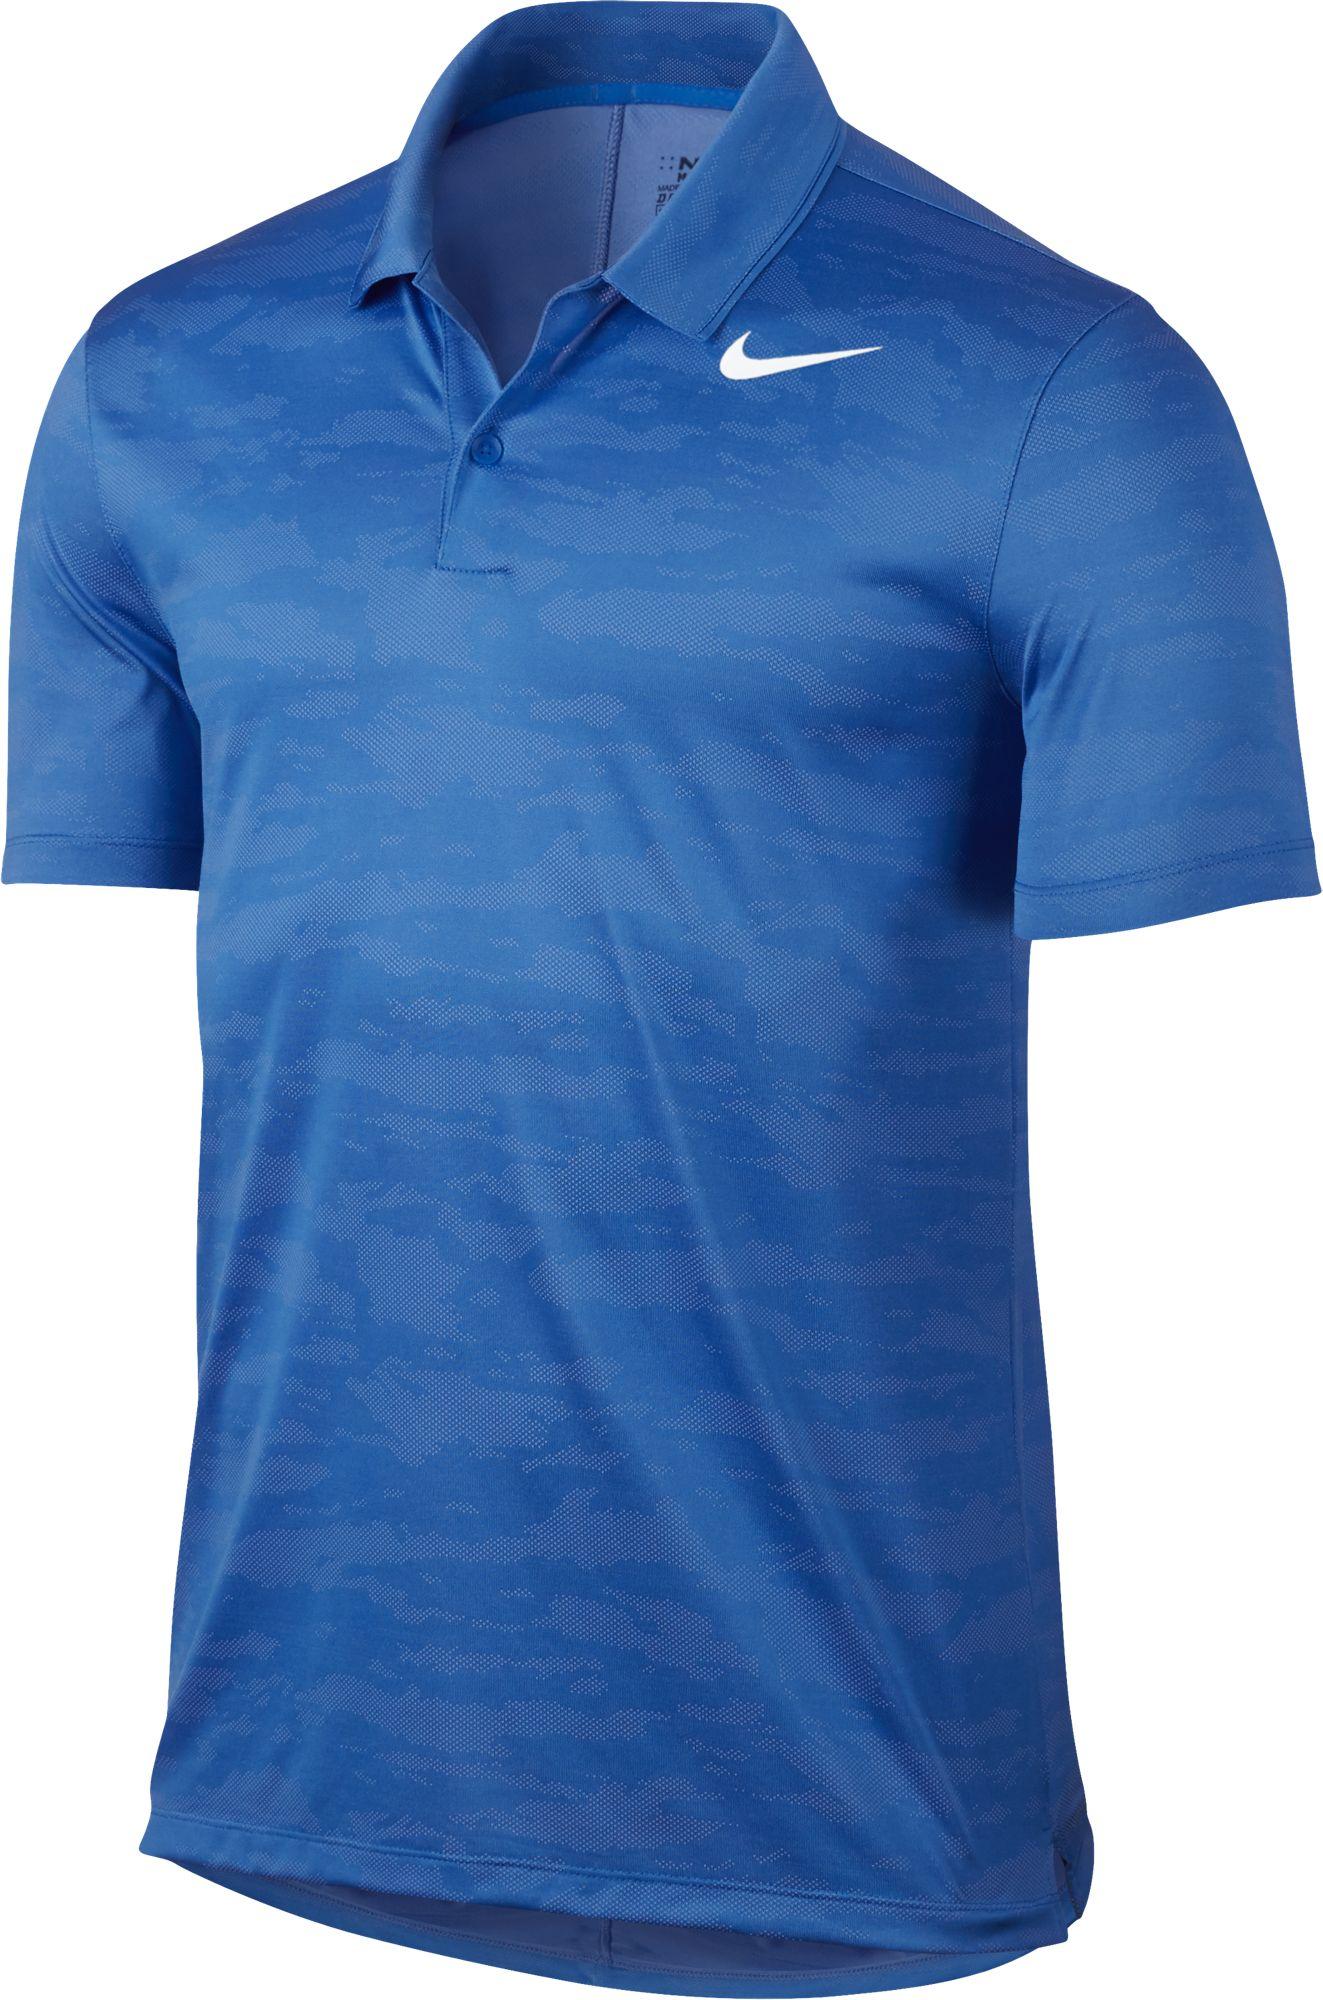 2017 nike icon jacquard polo golf shirt mens 885708 ebay for Nike golf mens polo shirts